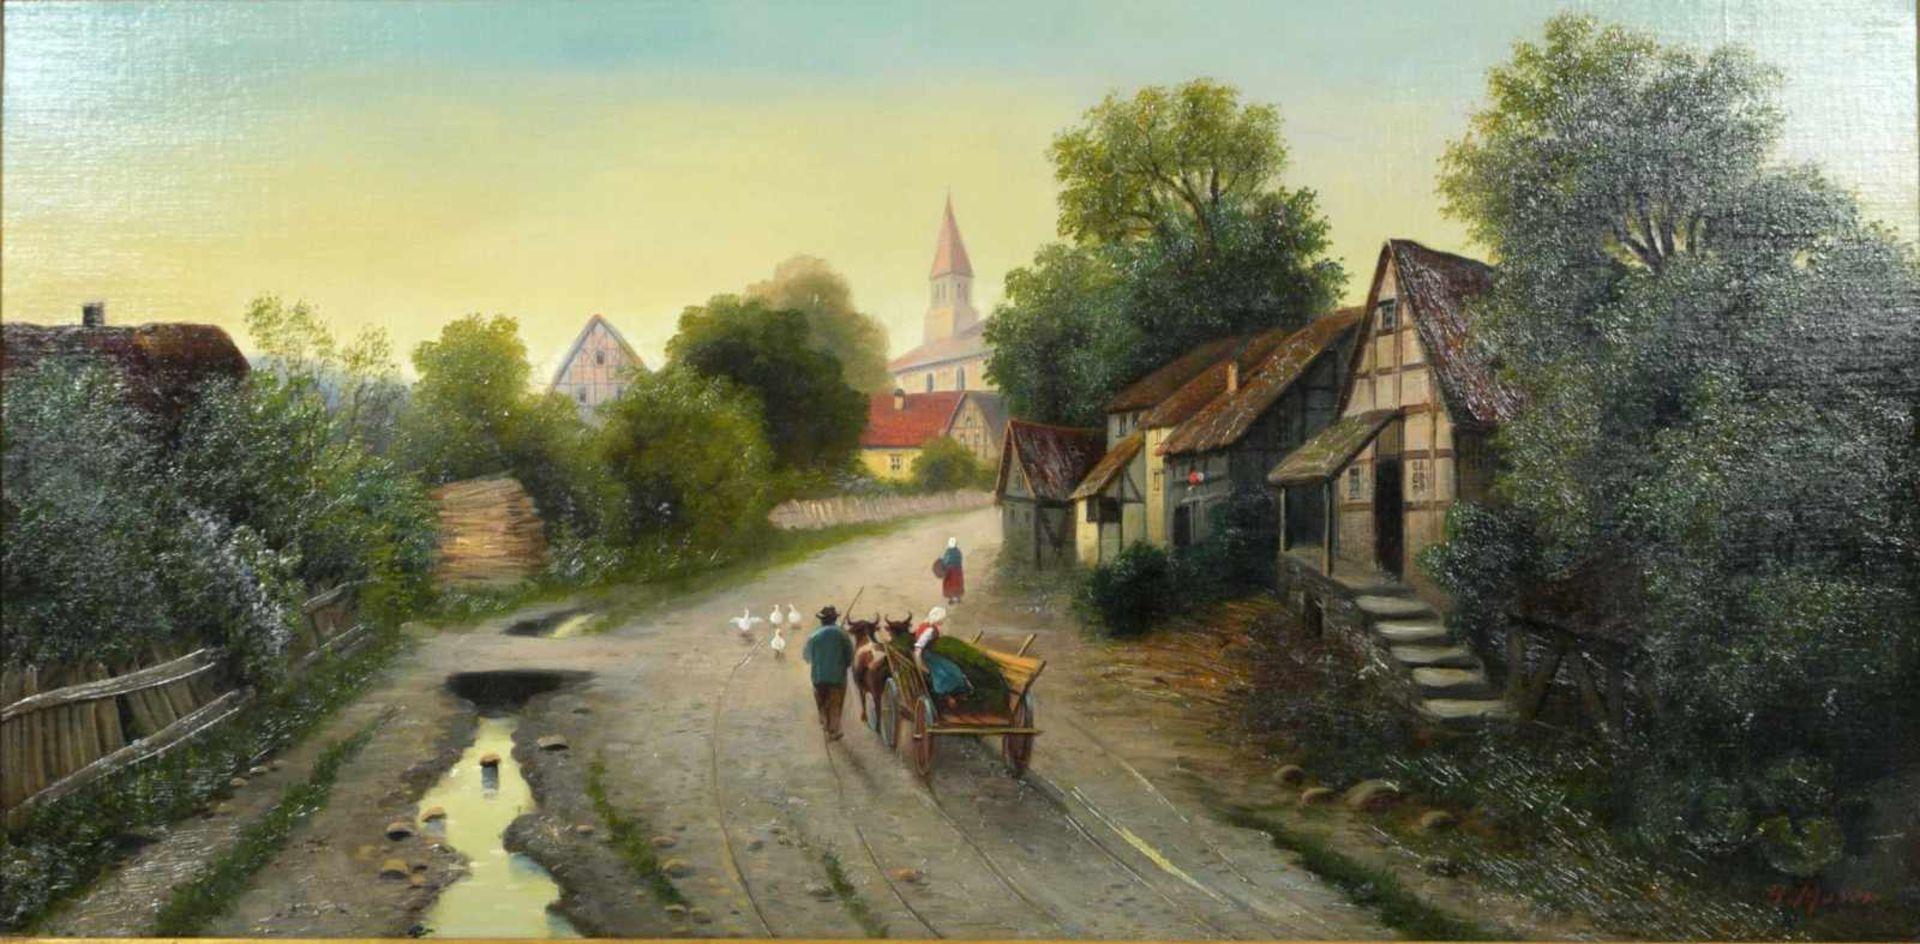 Moser, Herrmann (1835-?) - Dorfstraße in NiederbayernBlick in eine typisch bayerisch dörfliche - Bild 2 aus 6